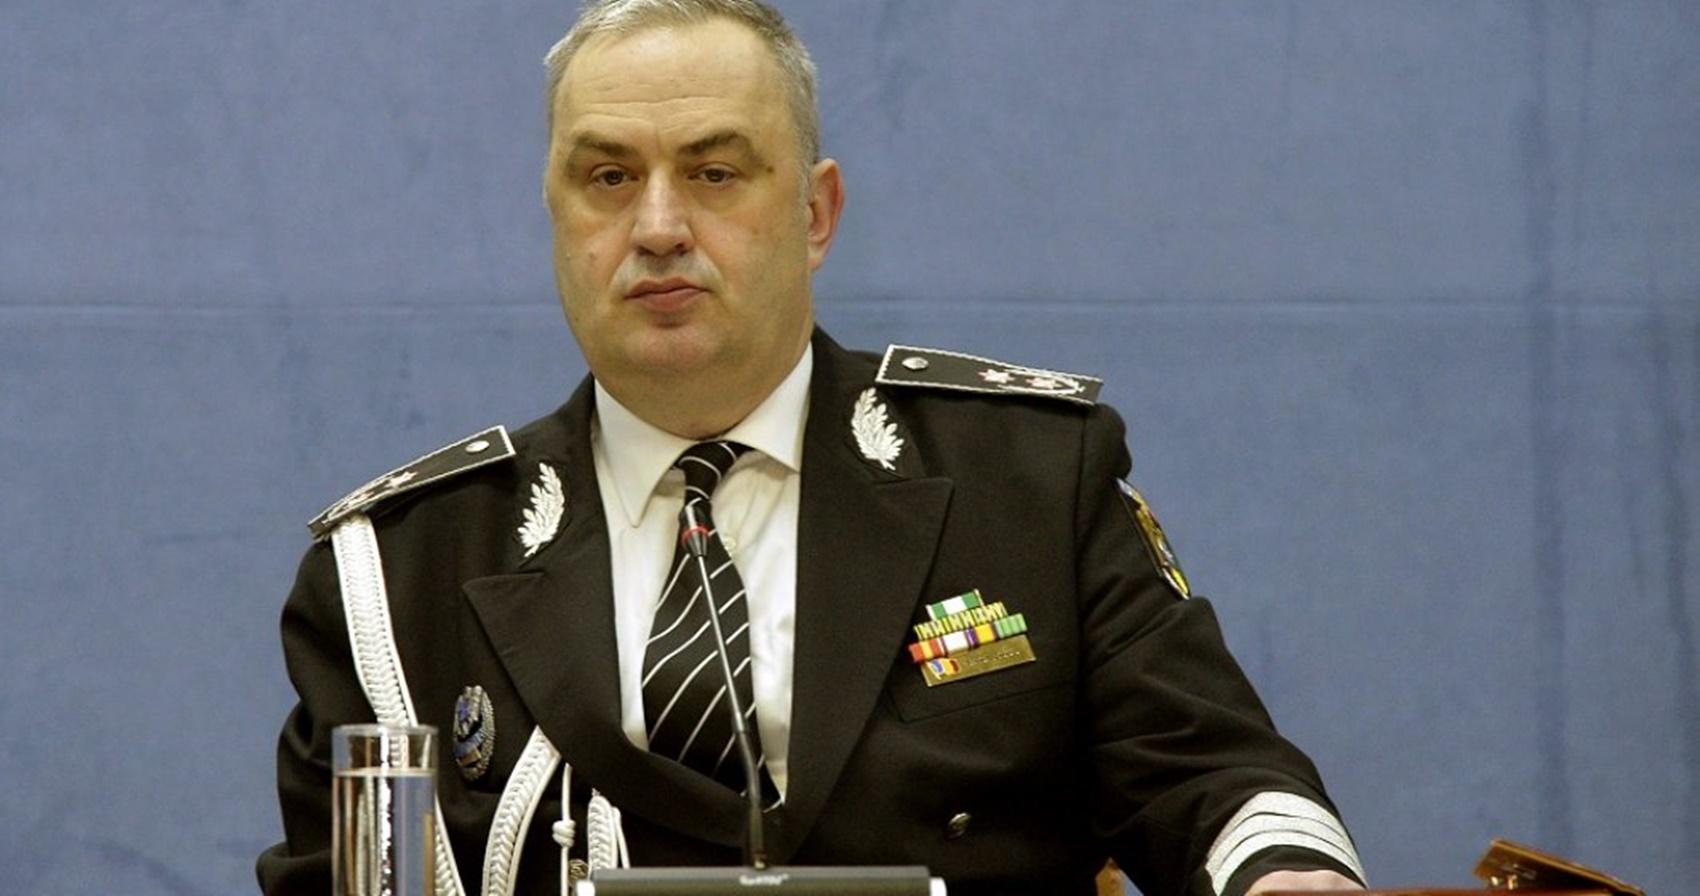 Liviu Vasilescu a demisionat de la conducerea Poliției Române. Cine îi va lua locul